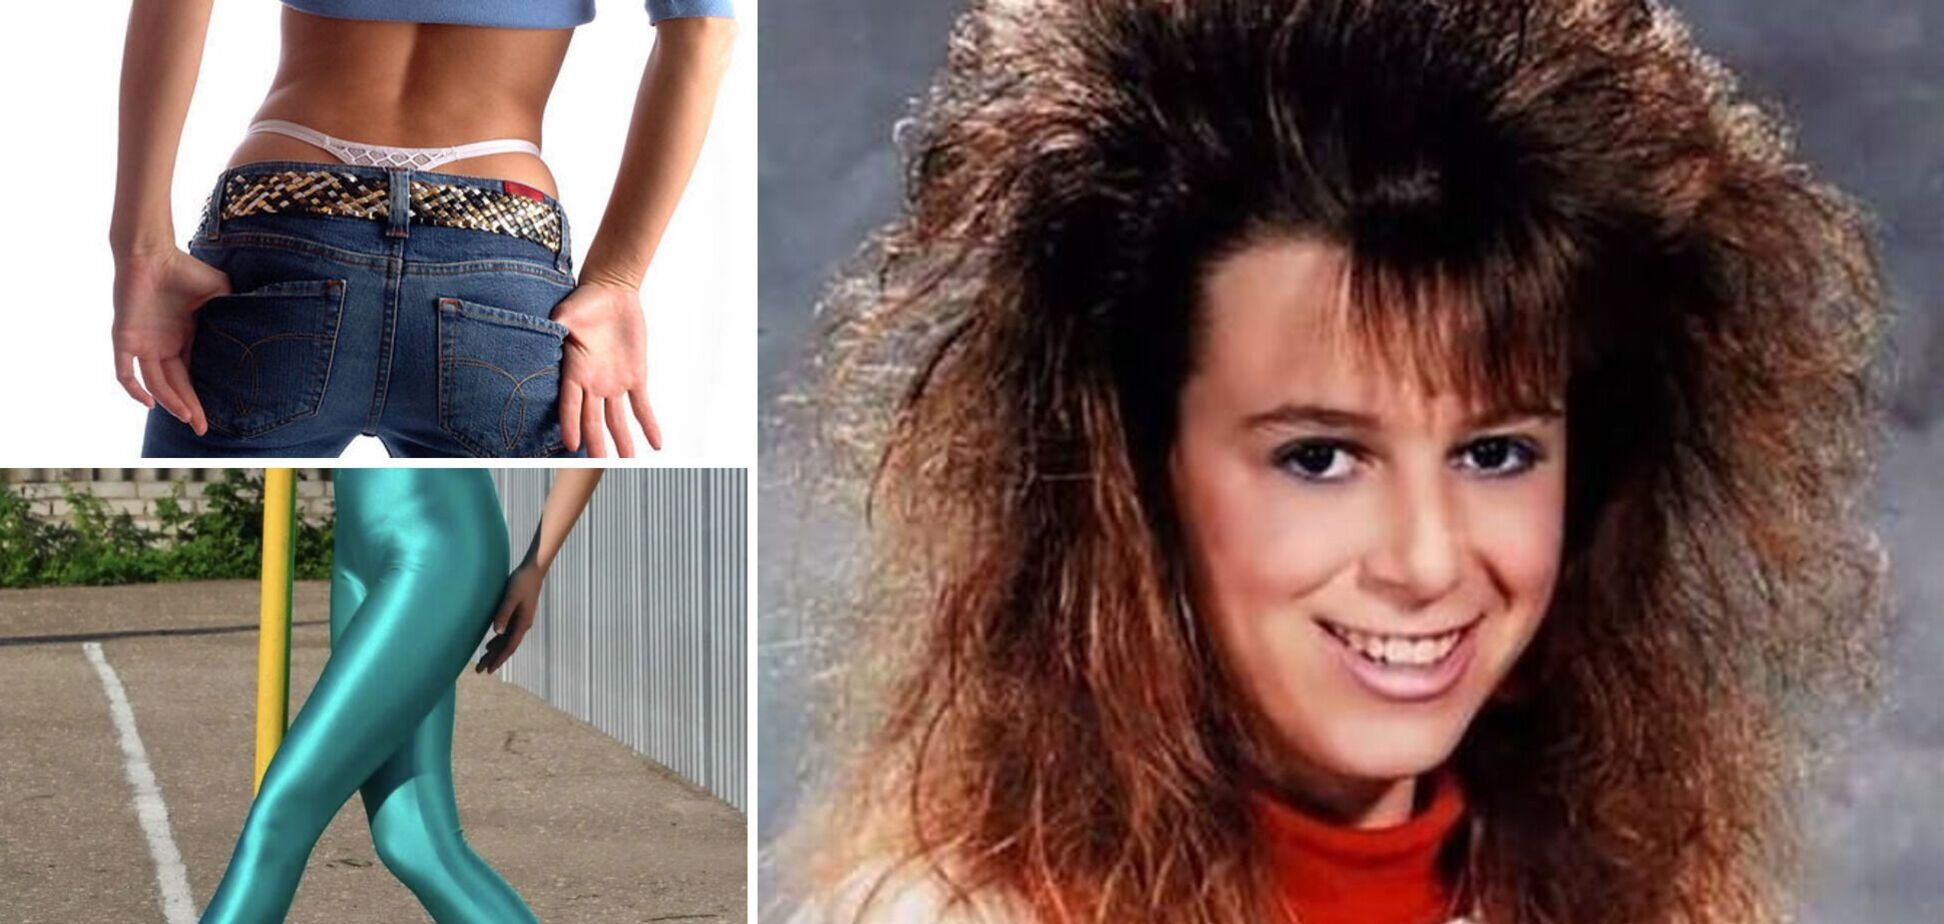 Яскрава зачіска, макіяж і вбрання – головні модні тенденції 90-х